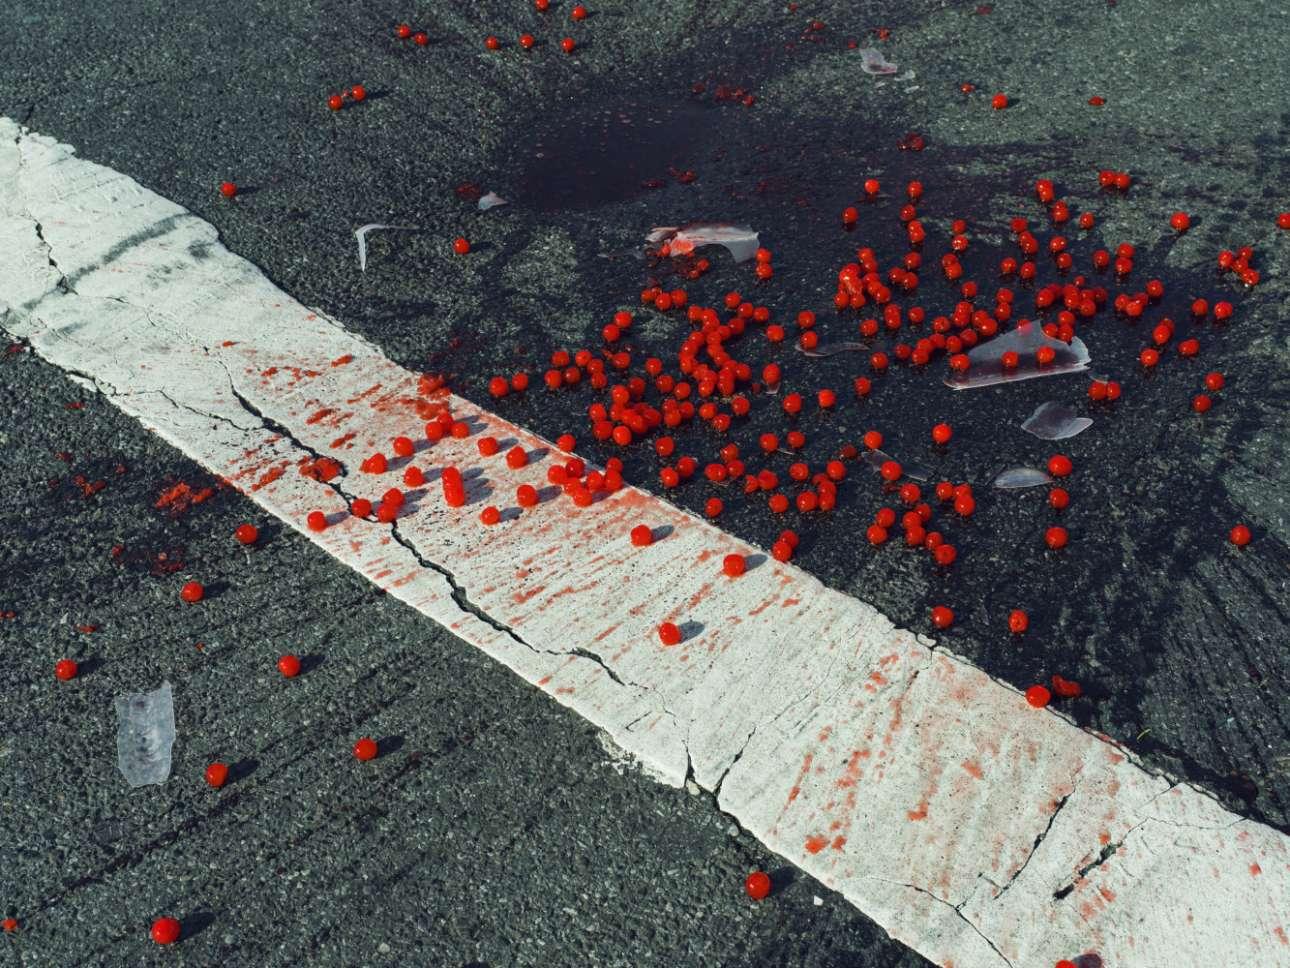 Κεράσια πεσμένα σε μια διάβαση πεζών στη Νέα Υόρκη, το 2014